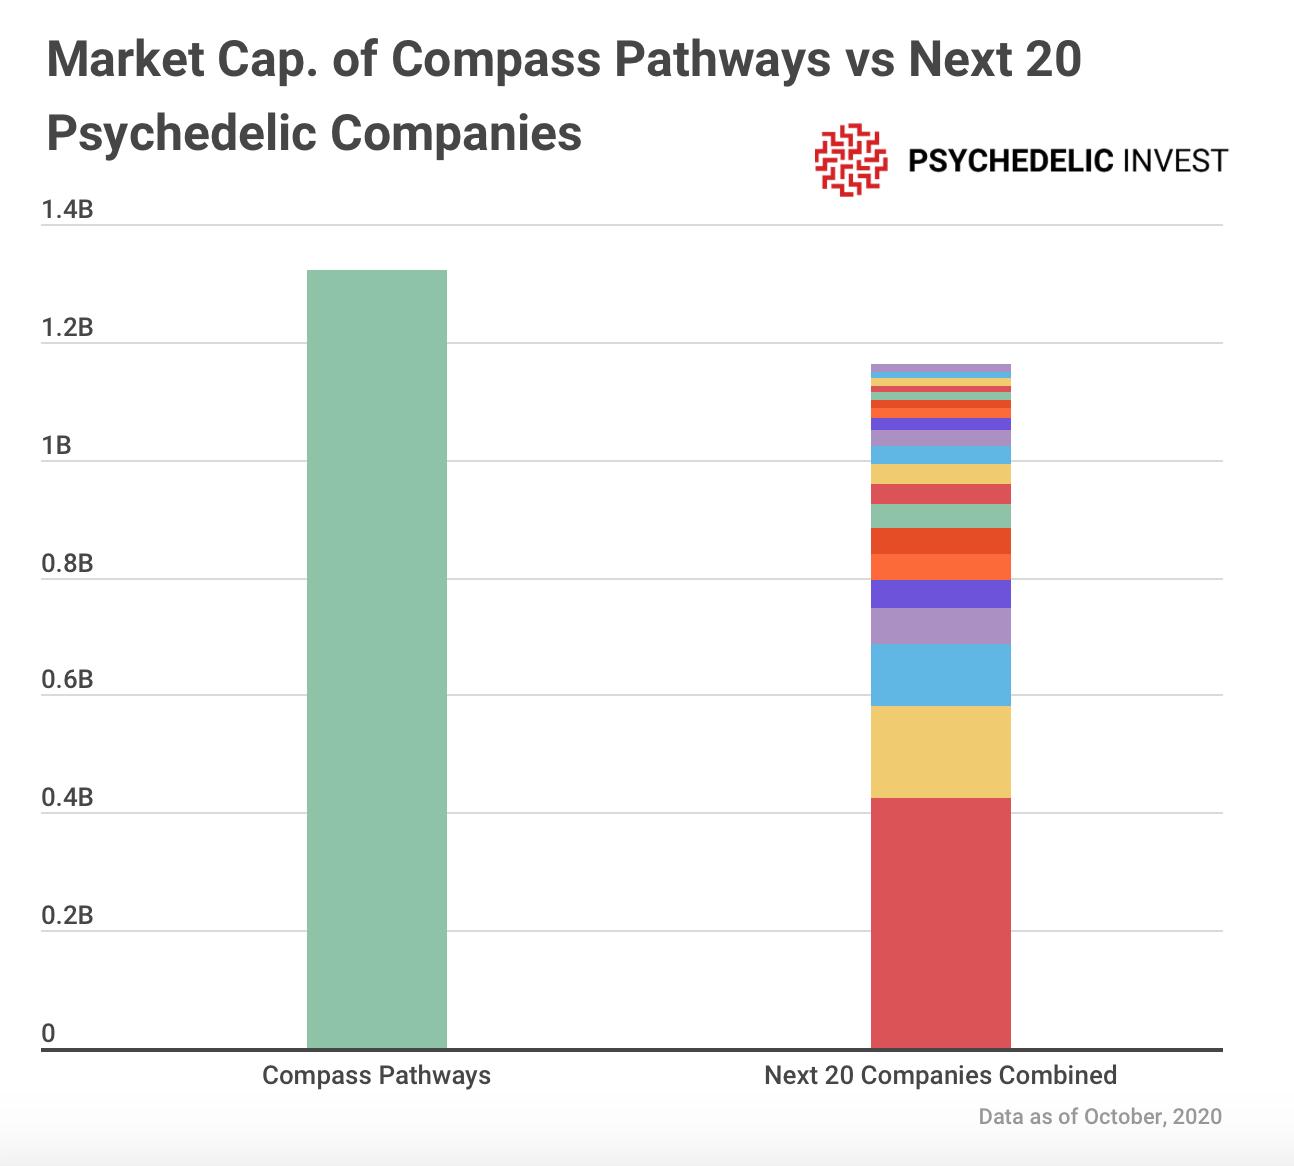 CMPS market cap